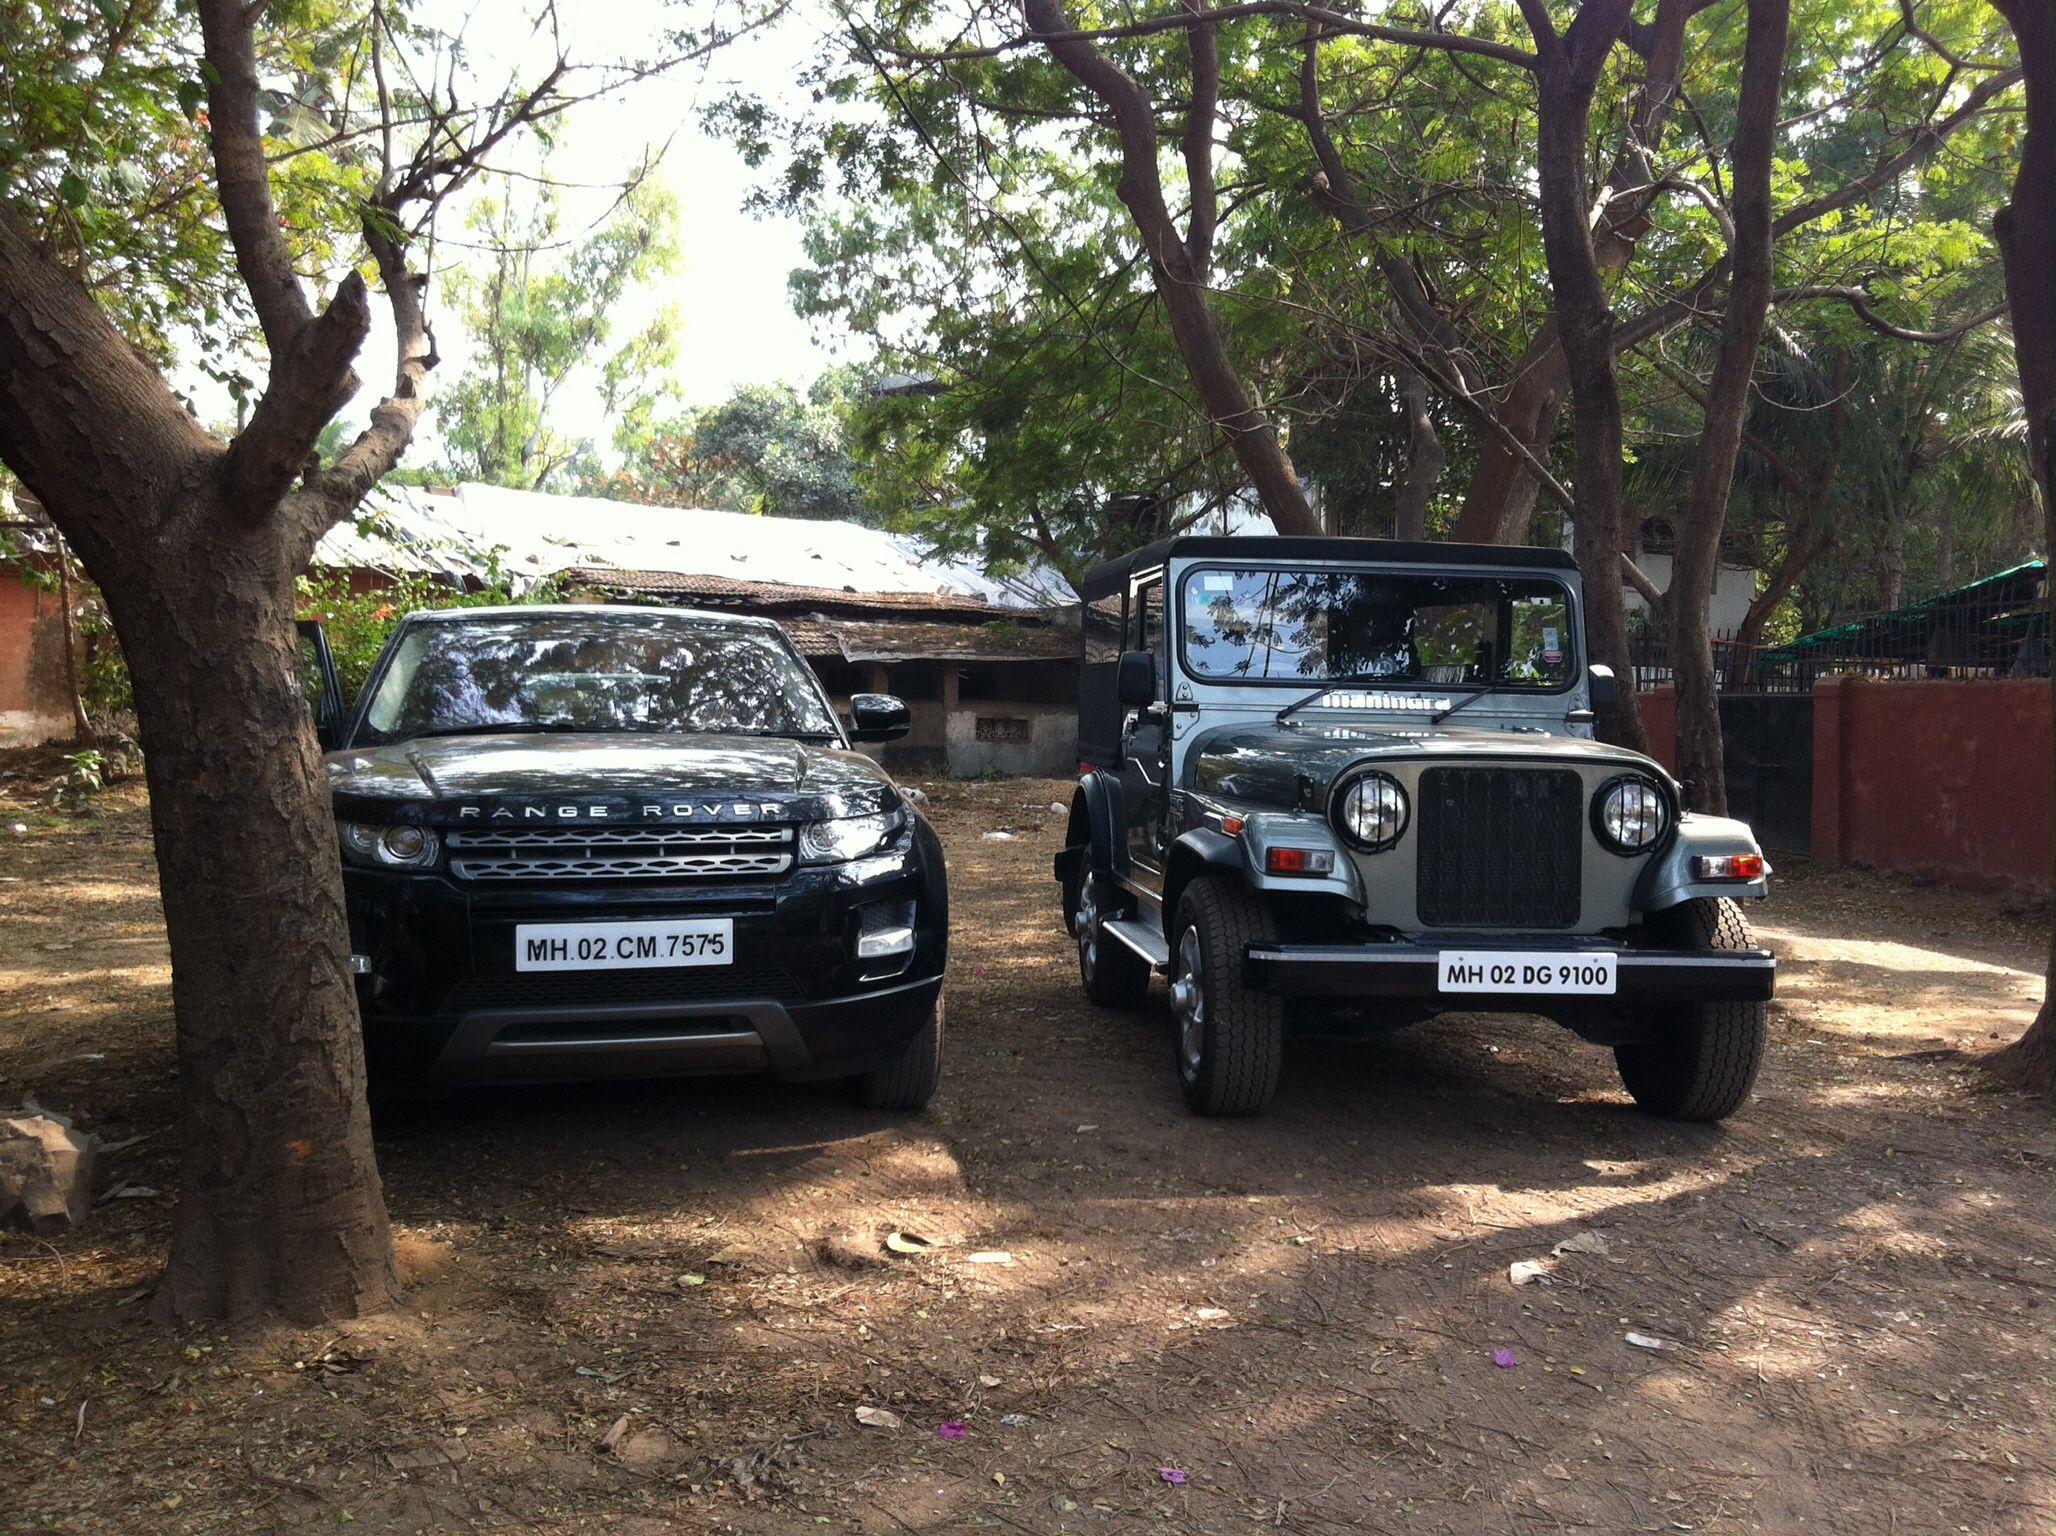 Mahindra Thar Range Rover Evoque Mahindra Thar Range Rover Evoque Jeep